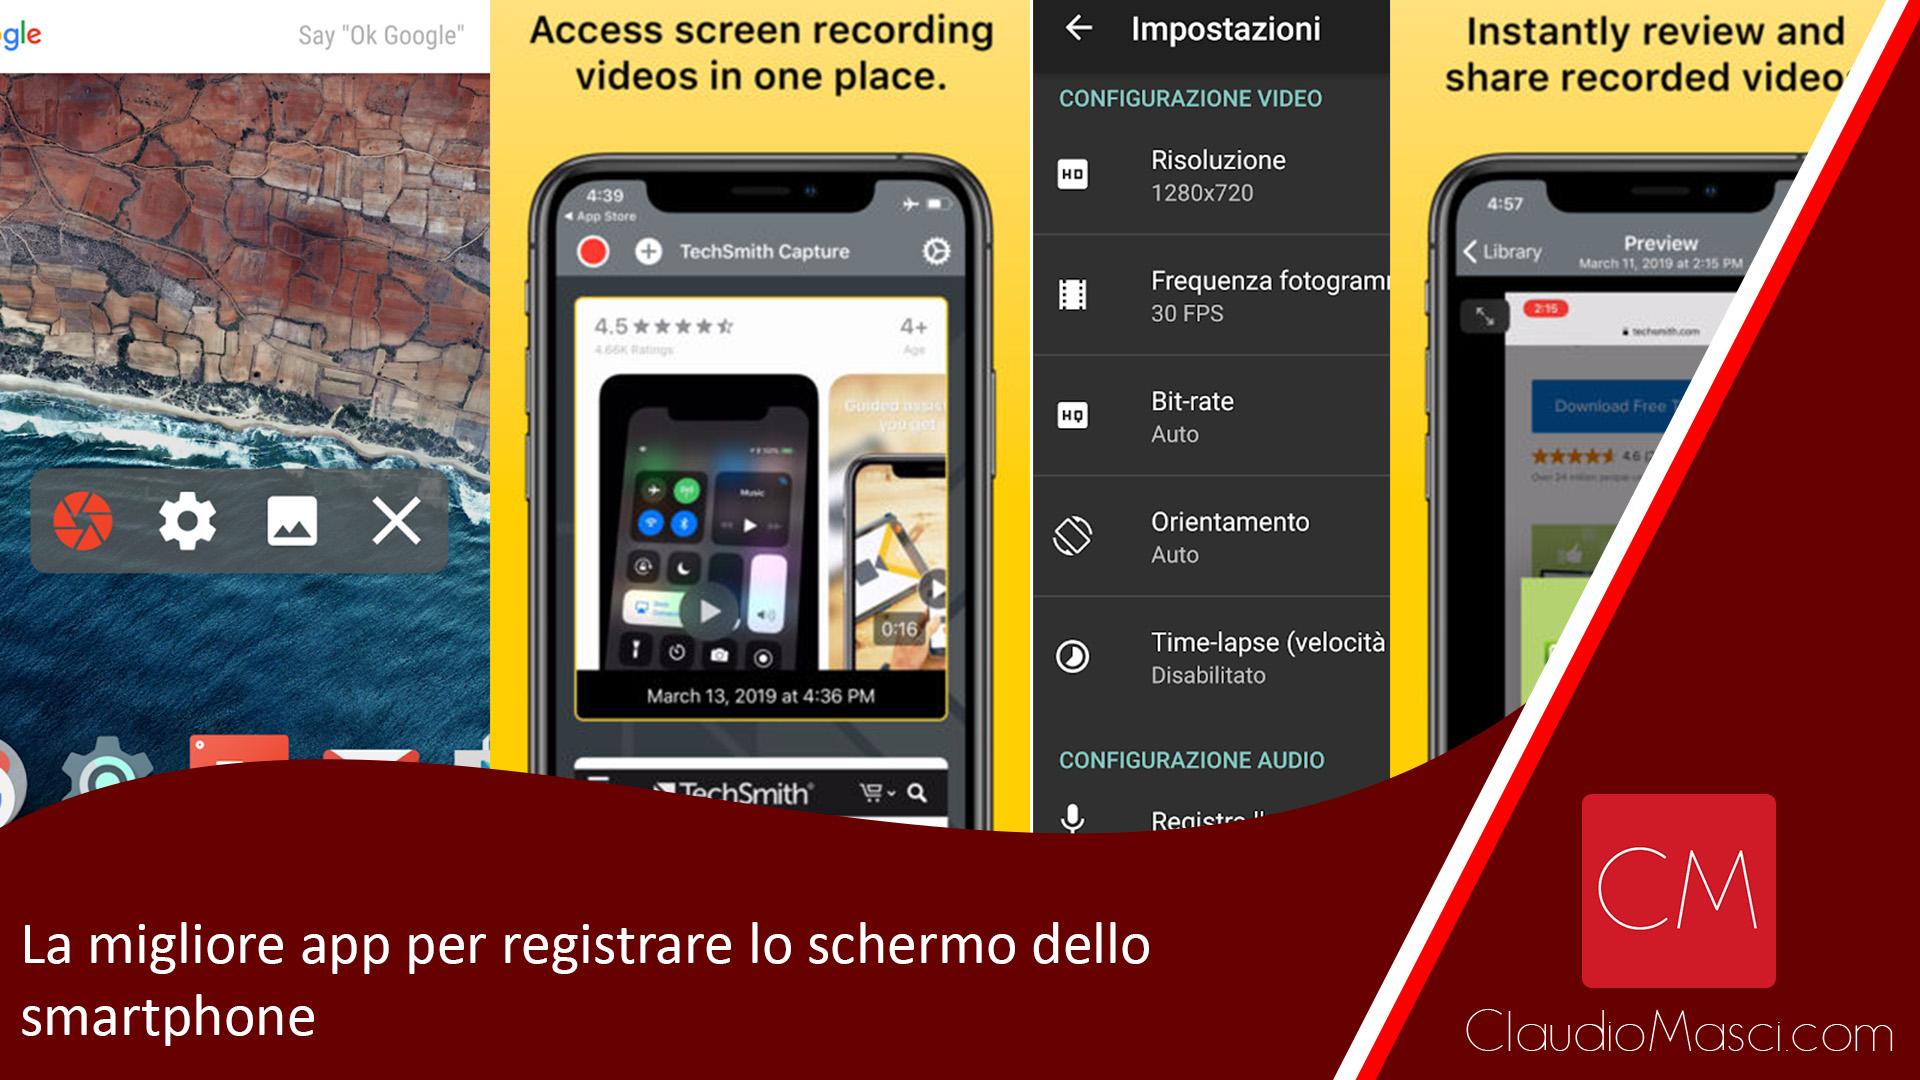 La migliore app per registrare lo schermo dello smartphone